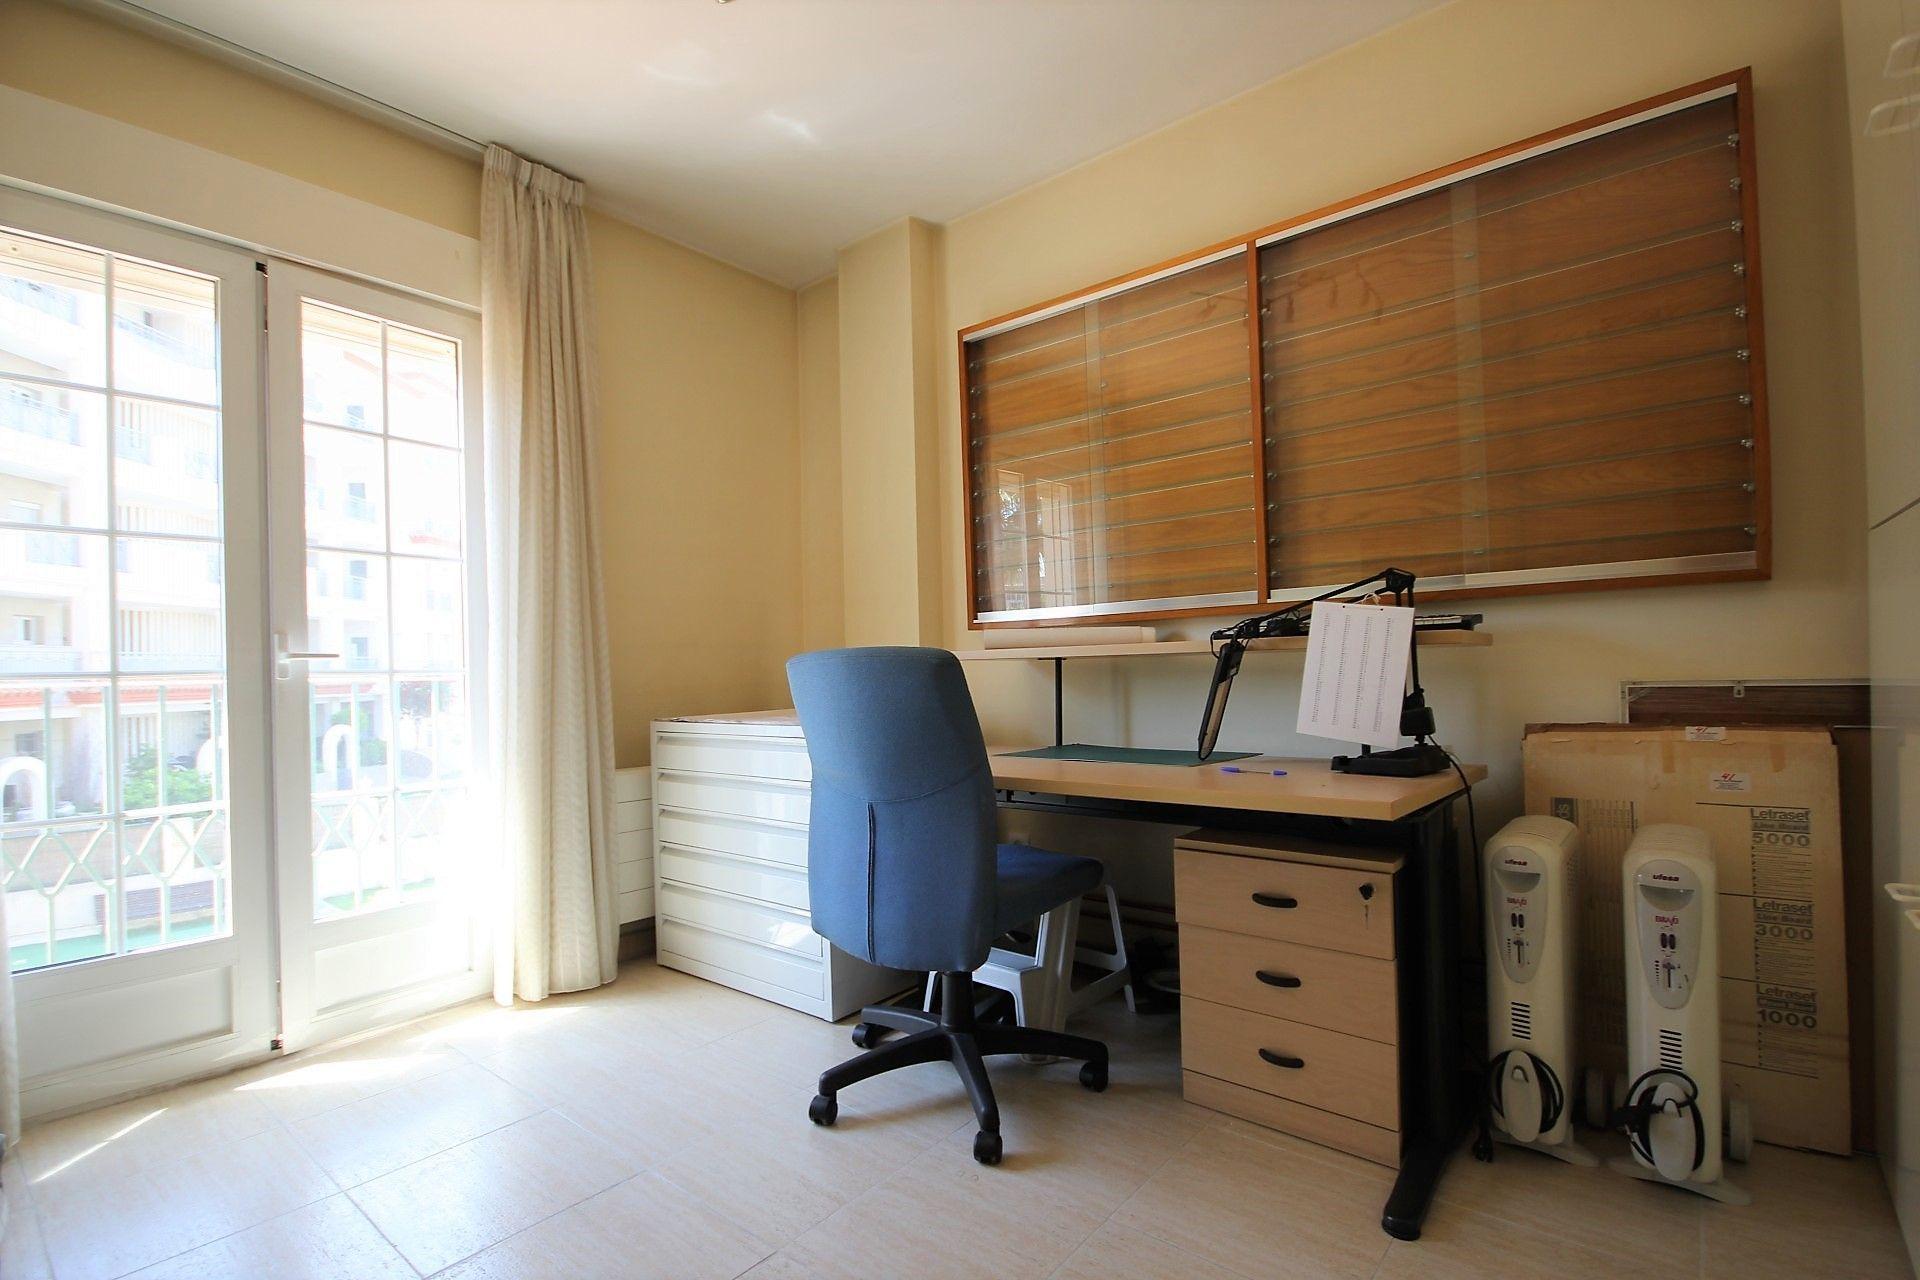 Venta de apartamento en El Albir _ LAlbir